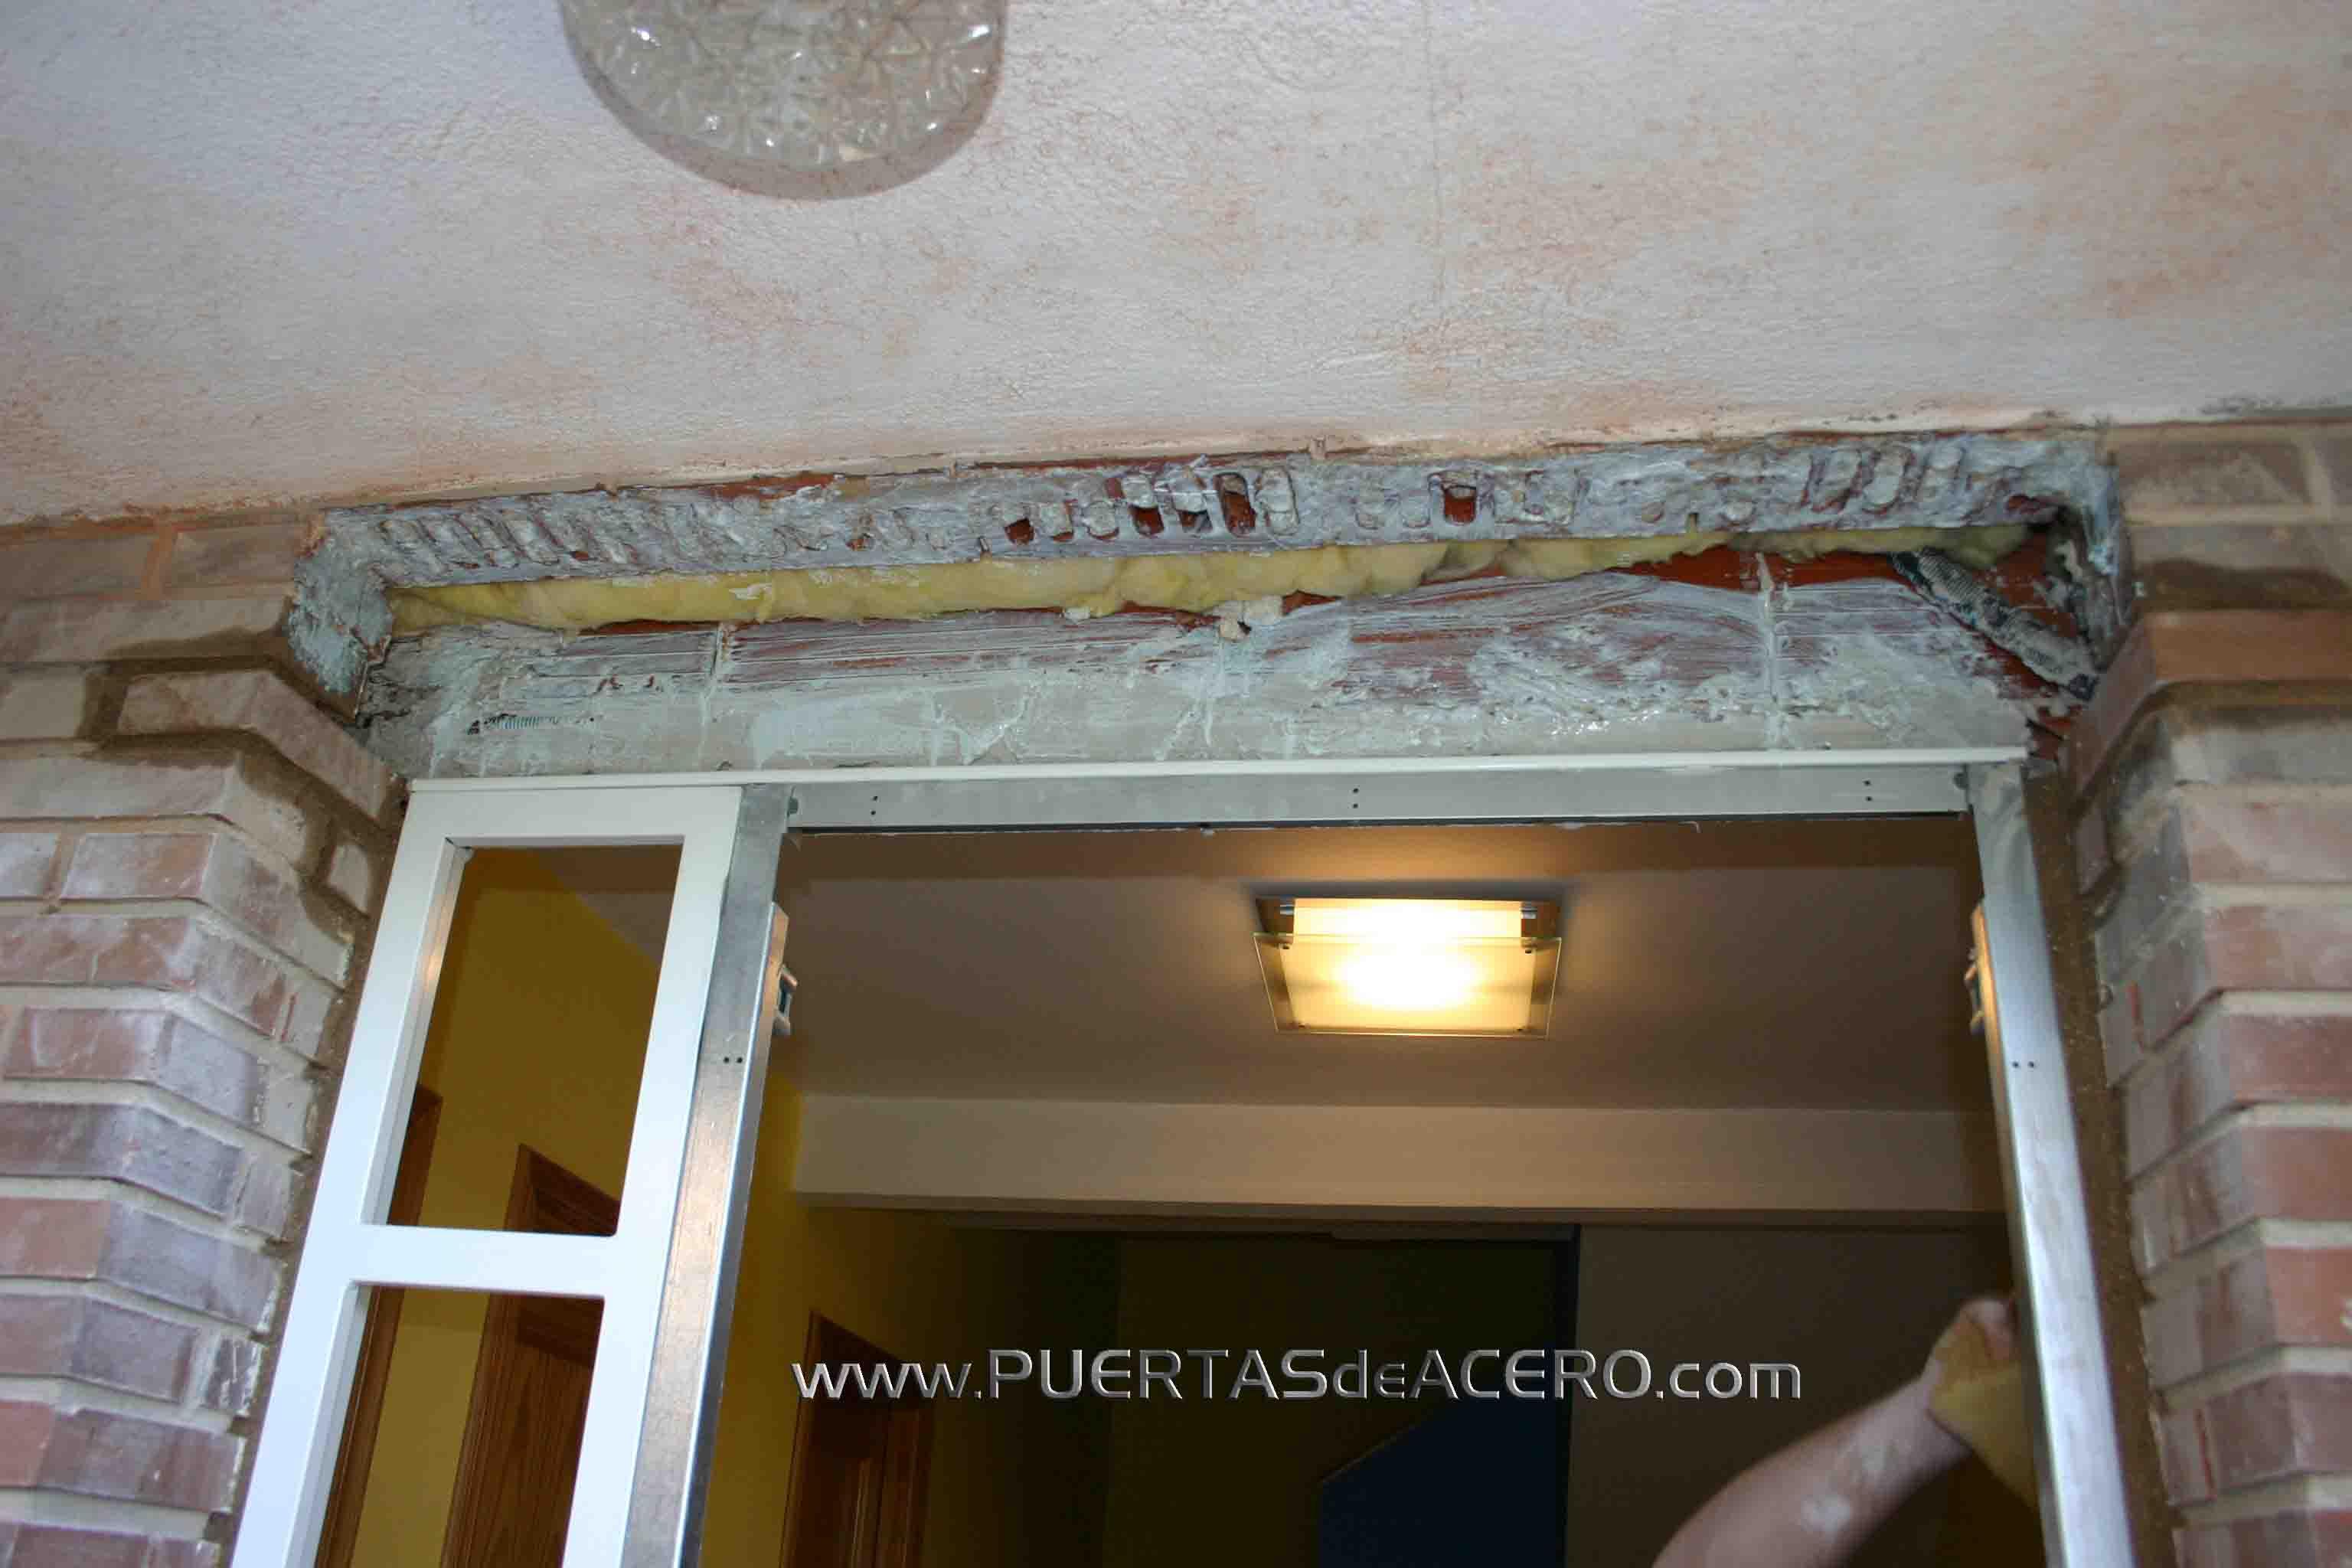 Producto de fijación de adhesivo para paredes y hormigón o azulejos